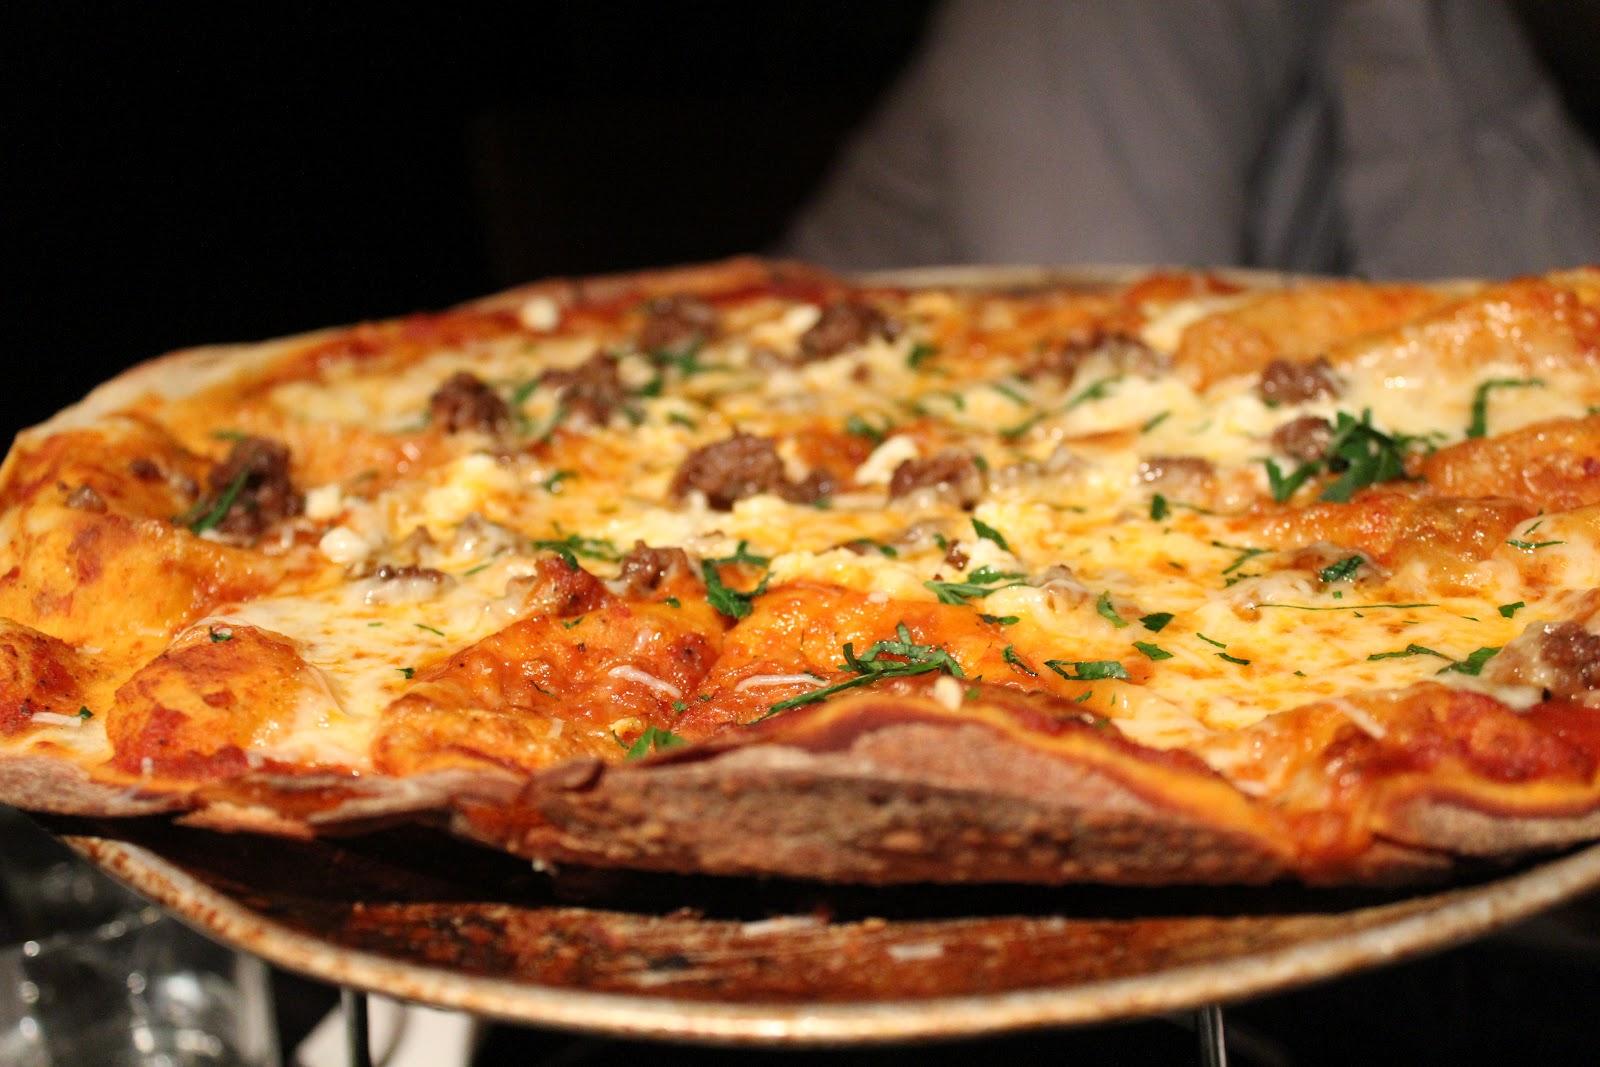 Cotechino Sausage Pizza At Russell House Tavern, Cambridge, Mass.